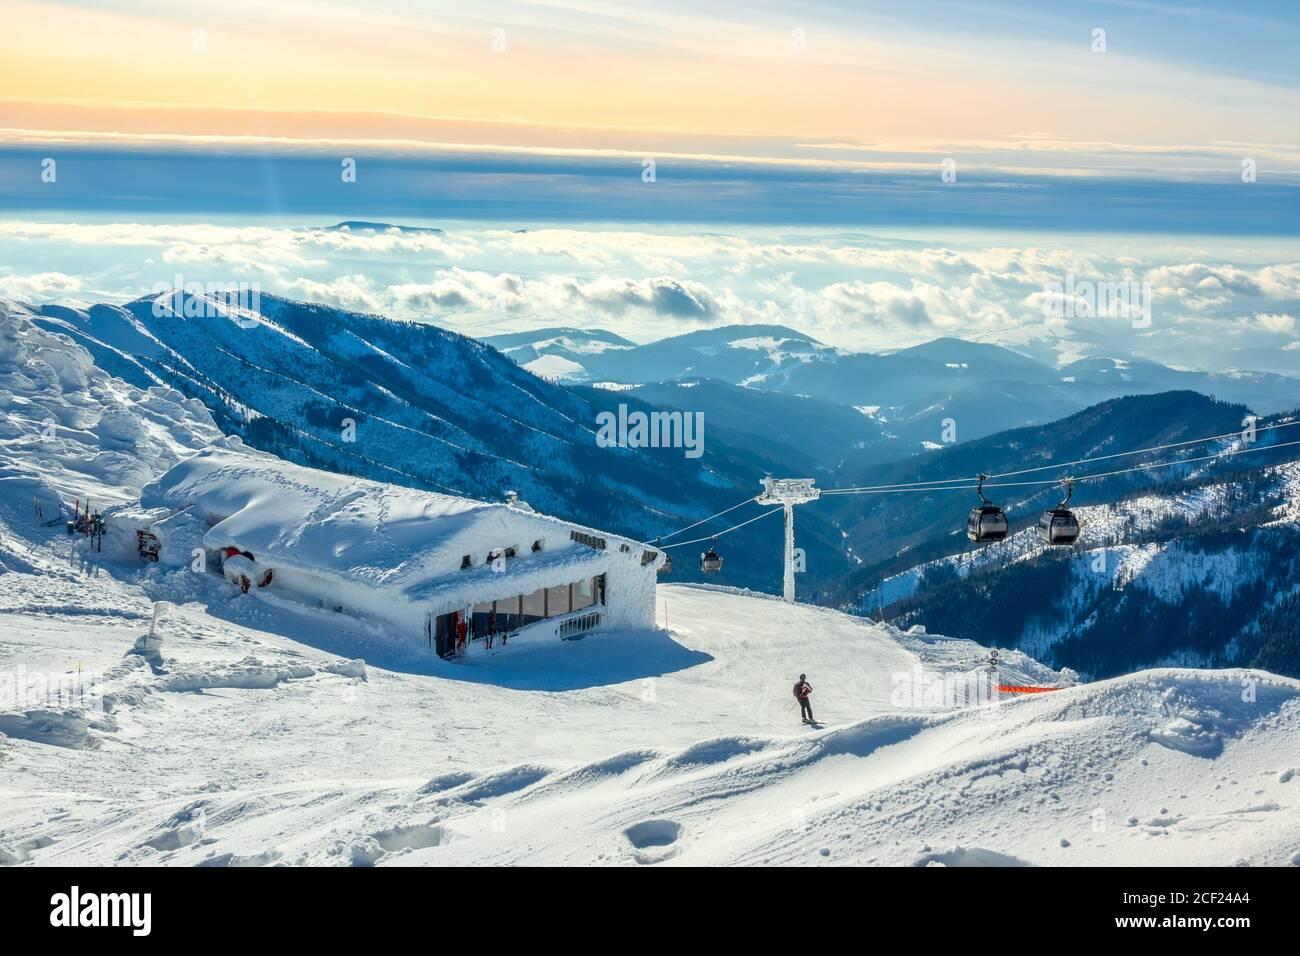 Montañas de invierno. Picos nevados y niebla en los valles. Cielo azul y rosa sobre la pista de esquí. Telesilla y bar. Foto de stock